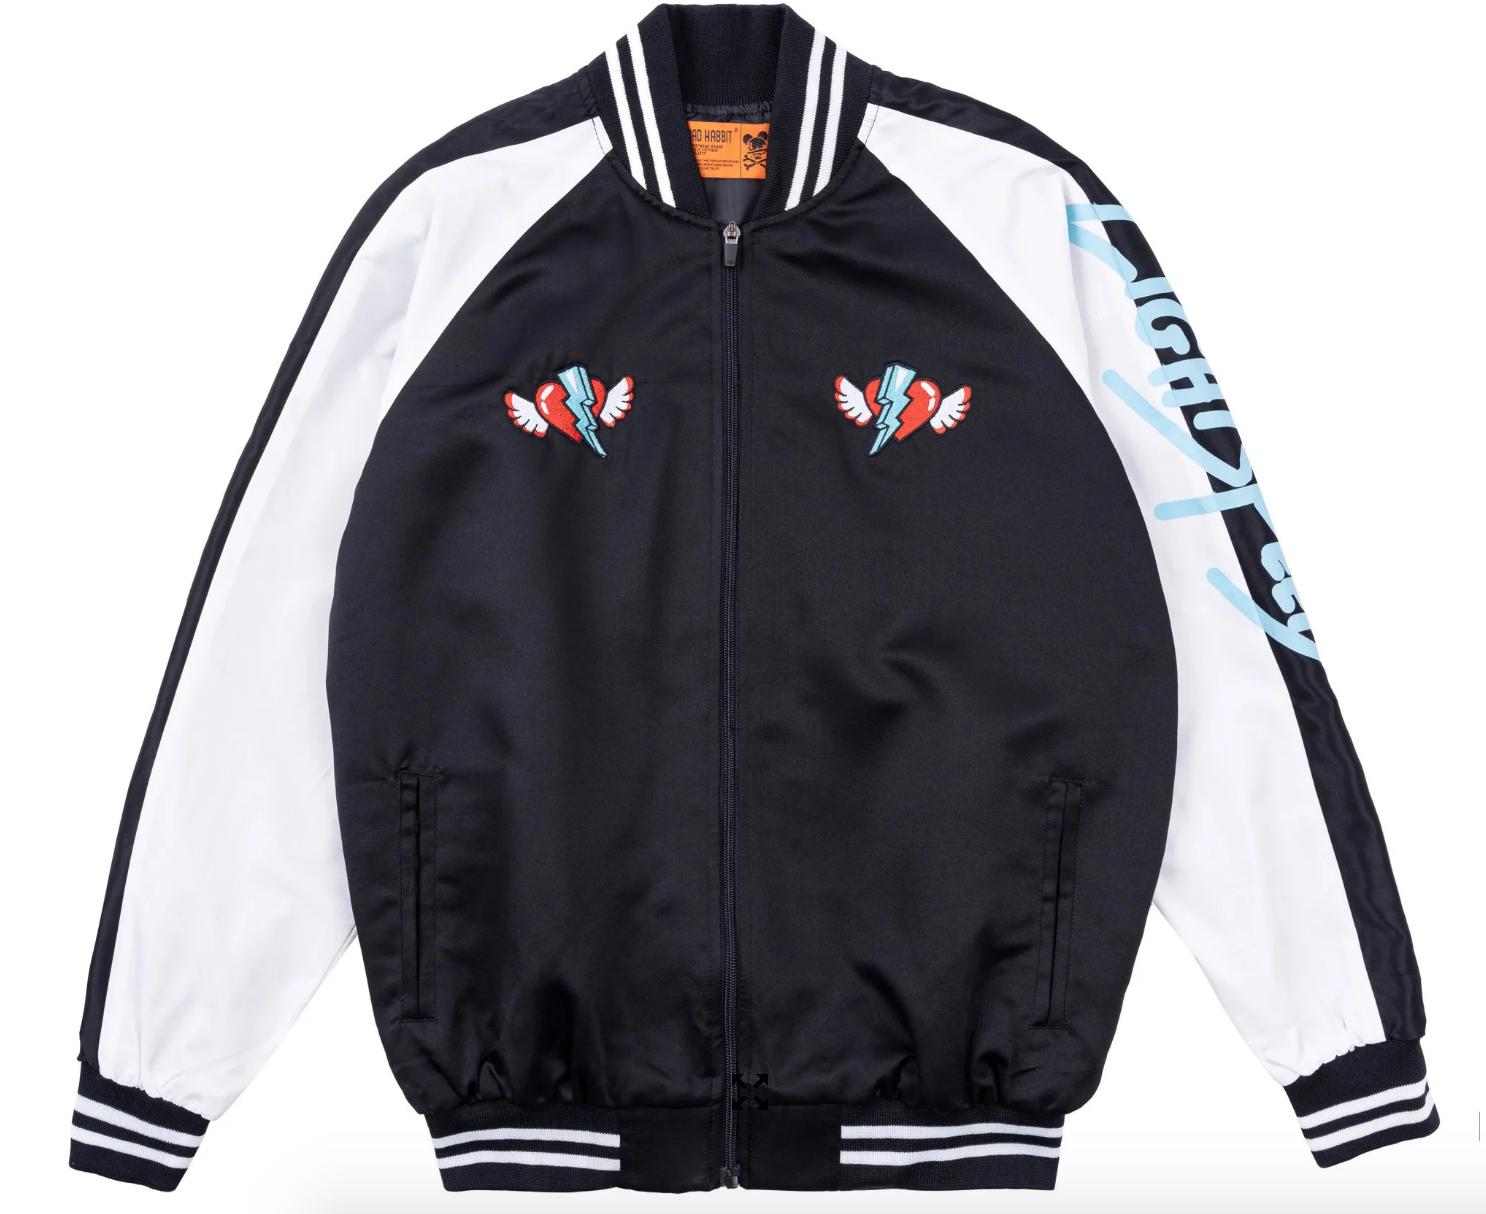 Từ 250K là mua được áo khoác bóng chày giống BLACKPINK, lại mix được 7749 style - Ảnh 6.